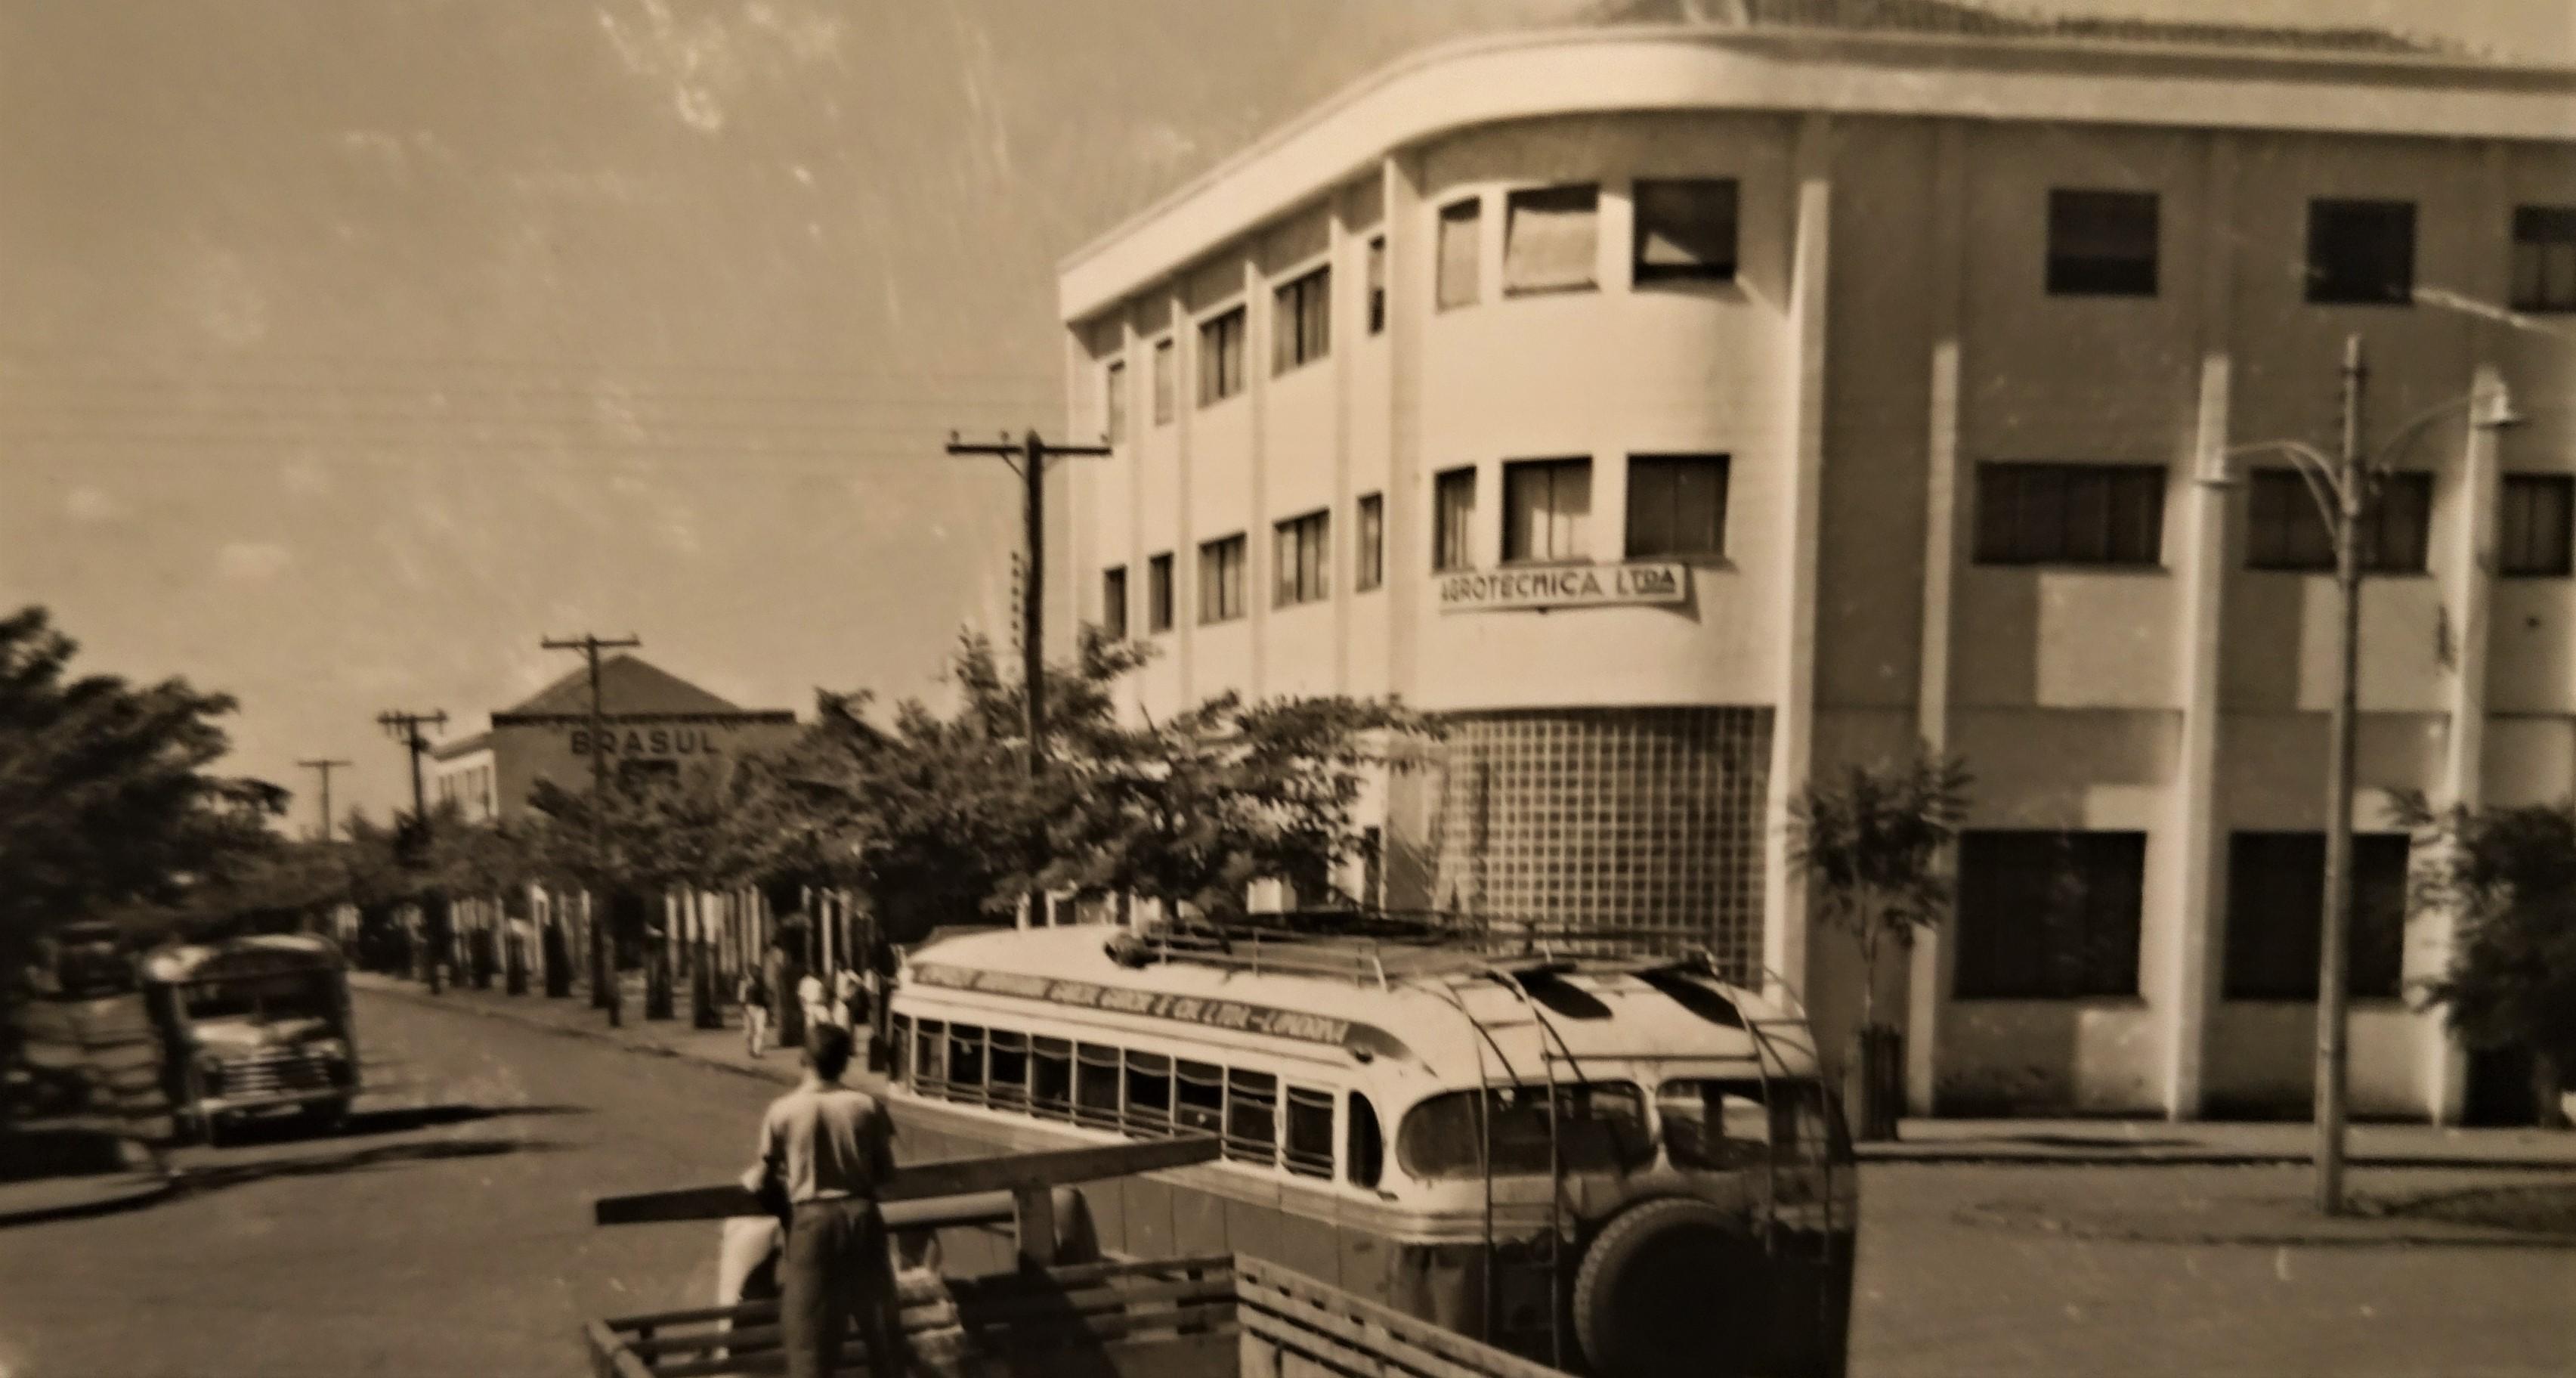 Rua Santos Dumont x avenida Duque de Caxias - Anos 1950